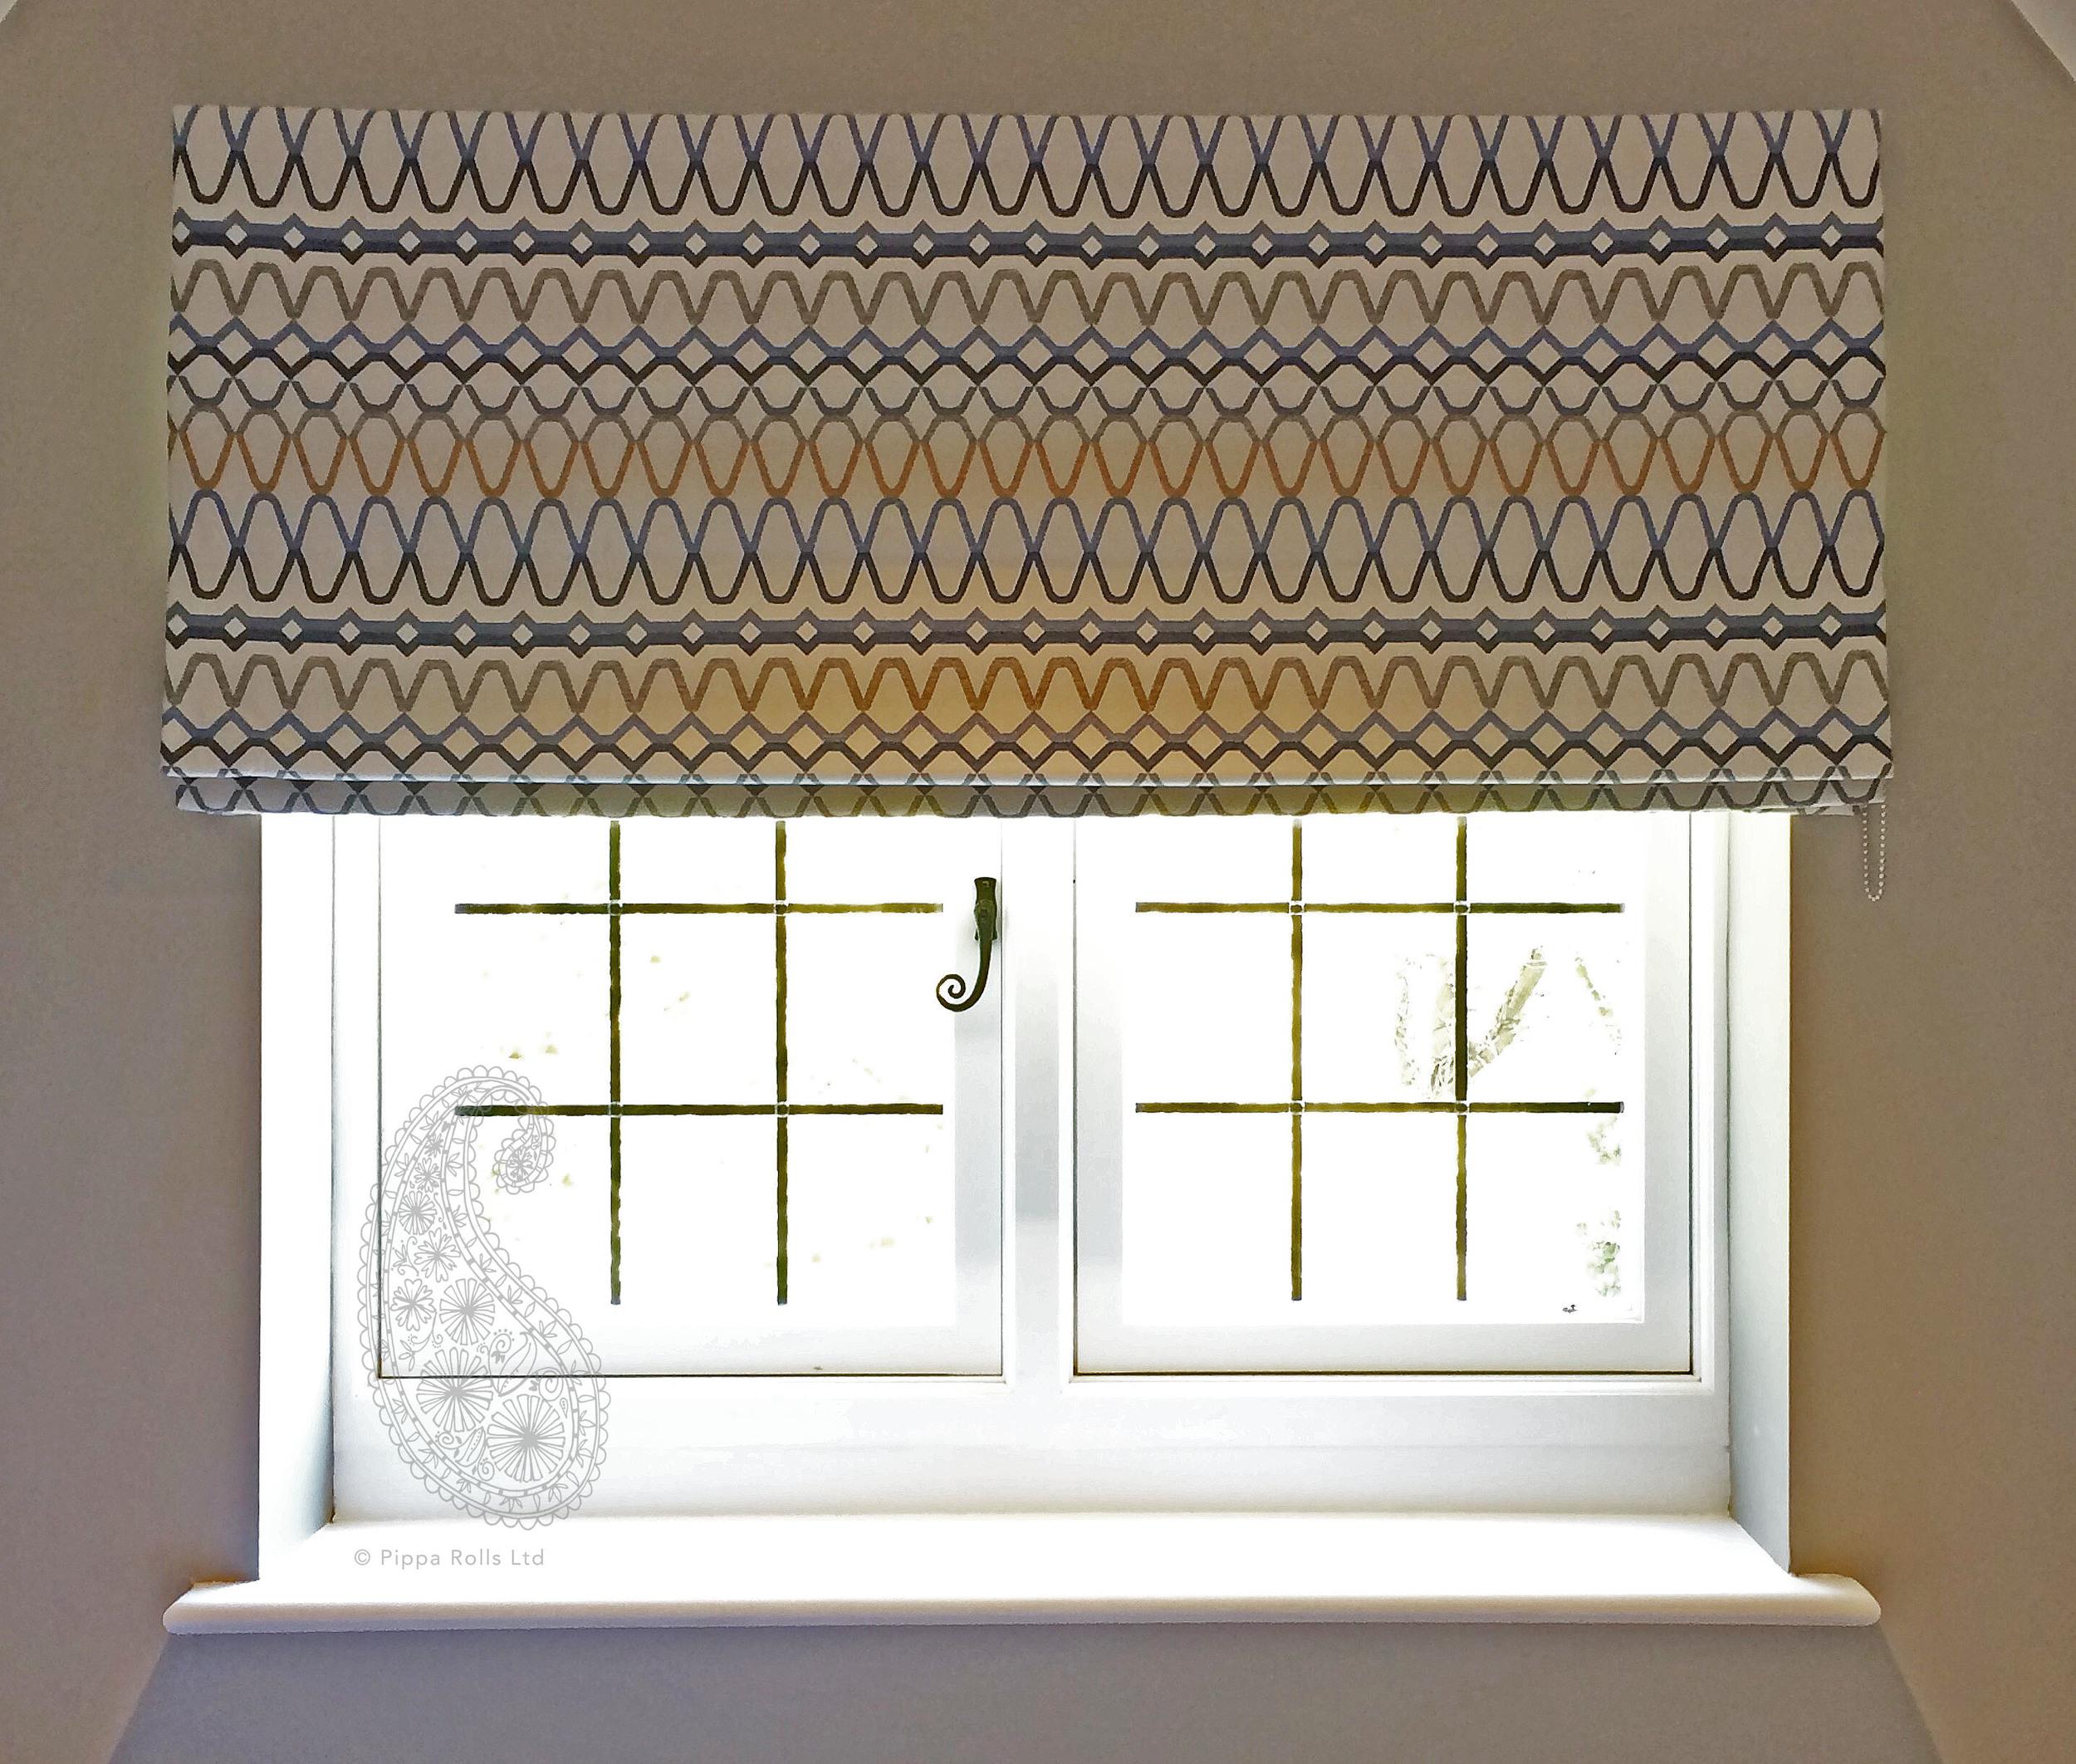 Sill width Roman blind for Jojo Humes Brown Designs Pippa Rolls Limited jpeg.jpg